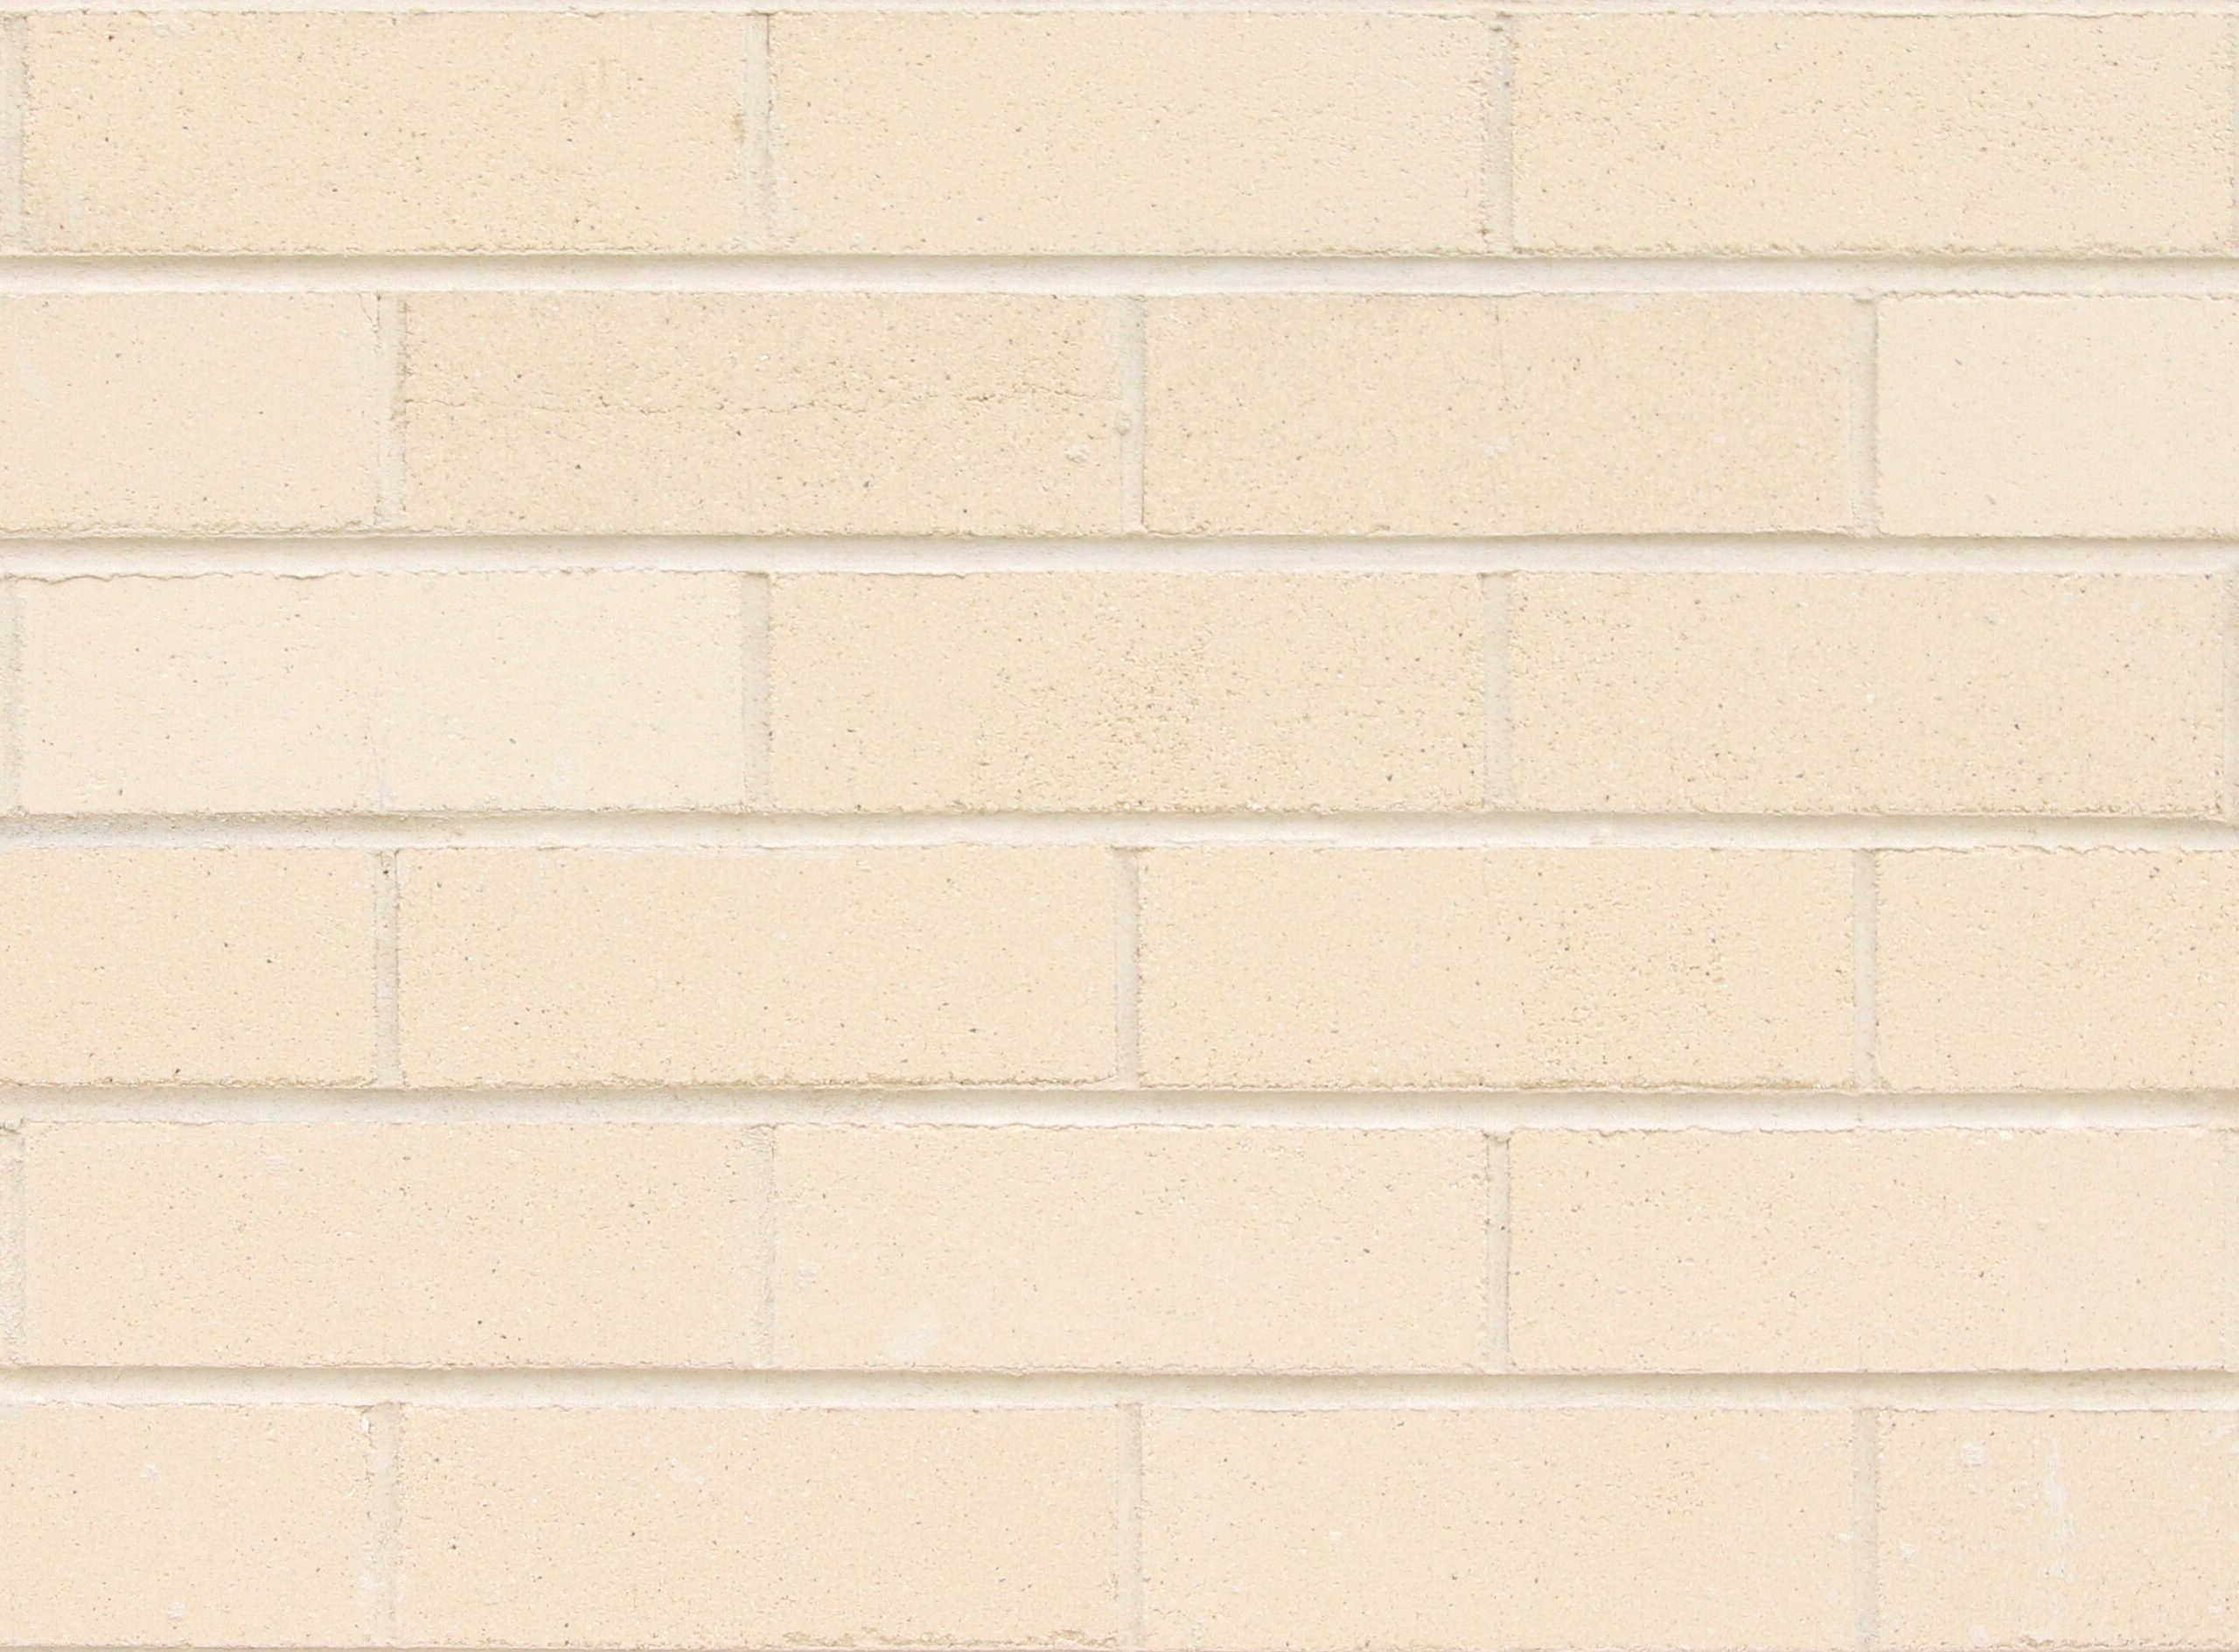 Bowral Bricks Chillingham White